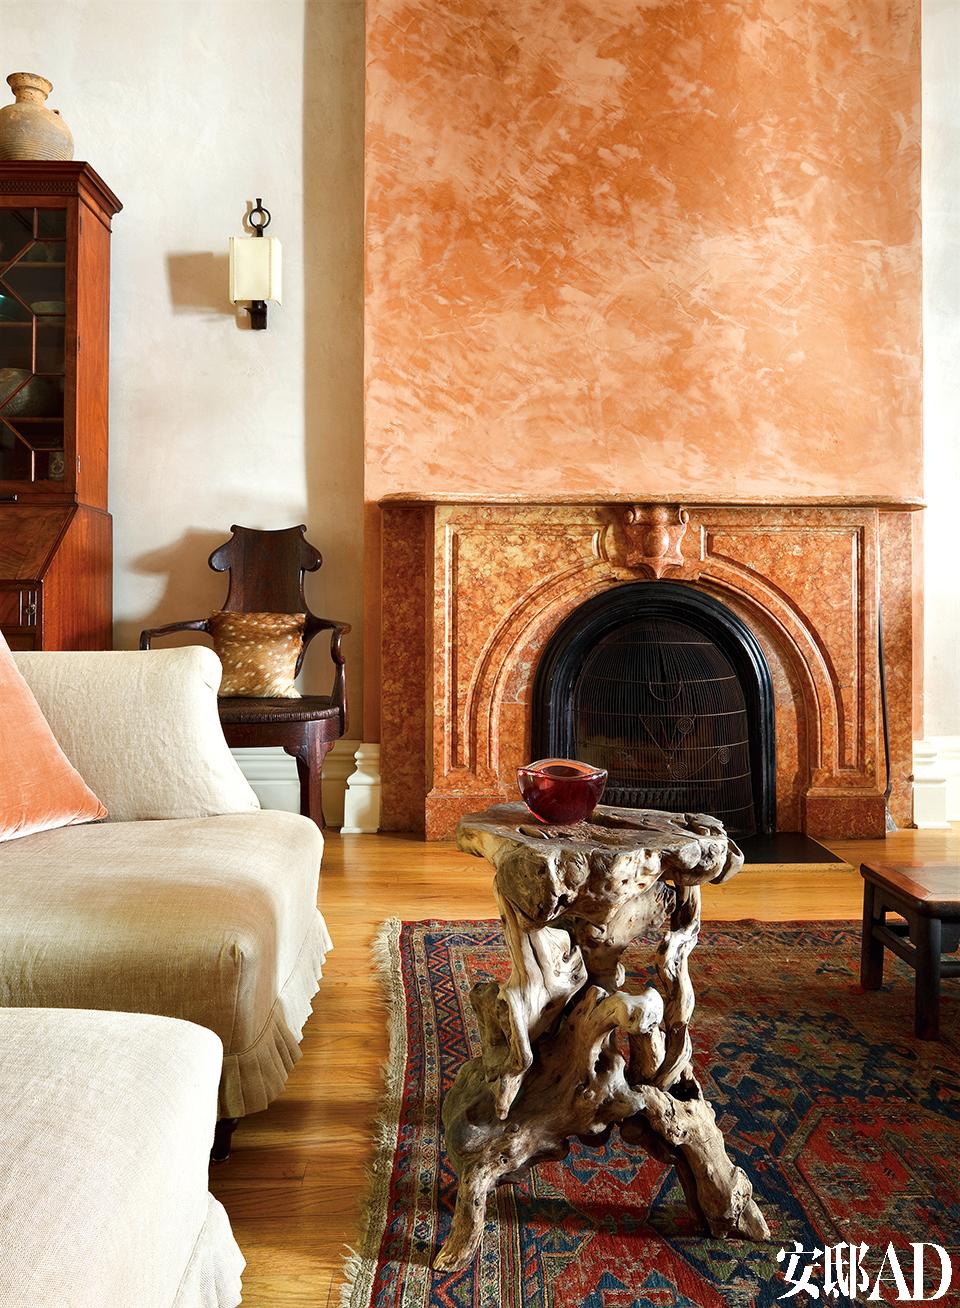 即使是大艺术家曾经最重要的作品之一,在家里也能与残缺的石像、筋骨尽显的树根茶几和谐相处。西式沙发的舒适,搭配树根茶几的筋骨,在这个空间内显得气质独特。更妙的是颜色的选择,窗帘和壁炉都用了浅橙色,优雅中又透着新鲜。